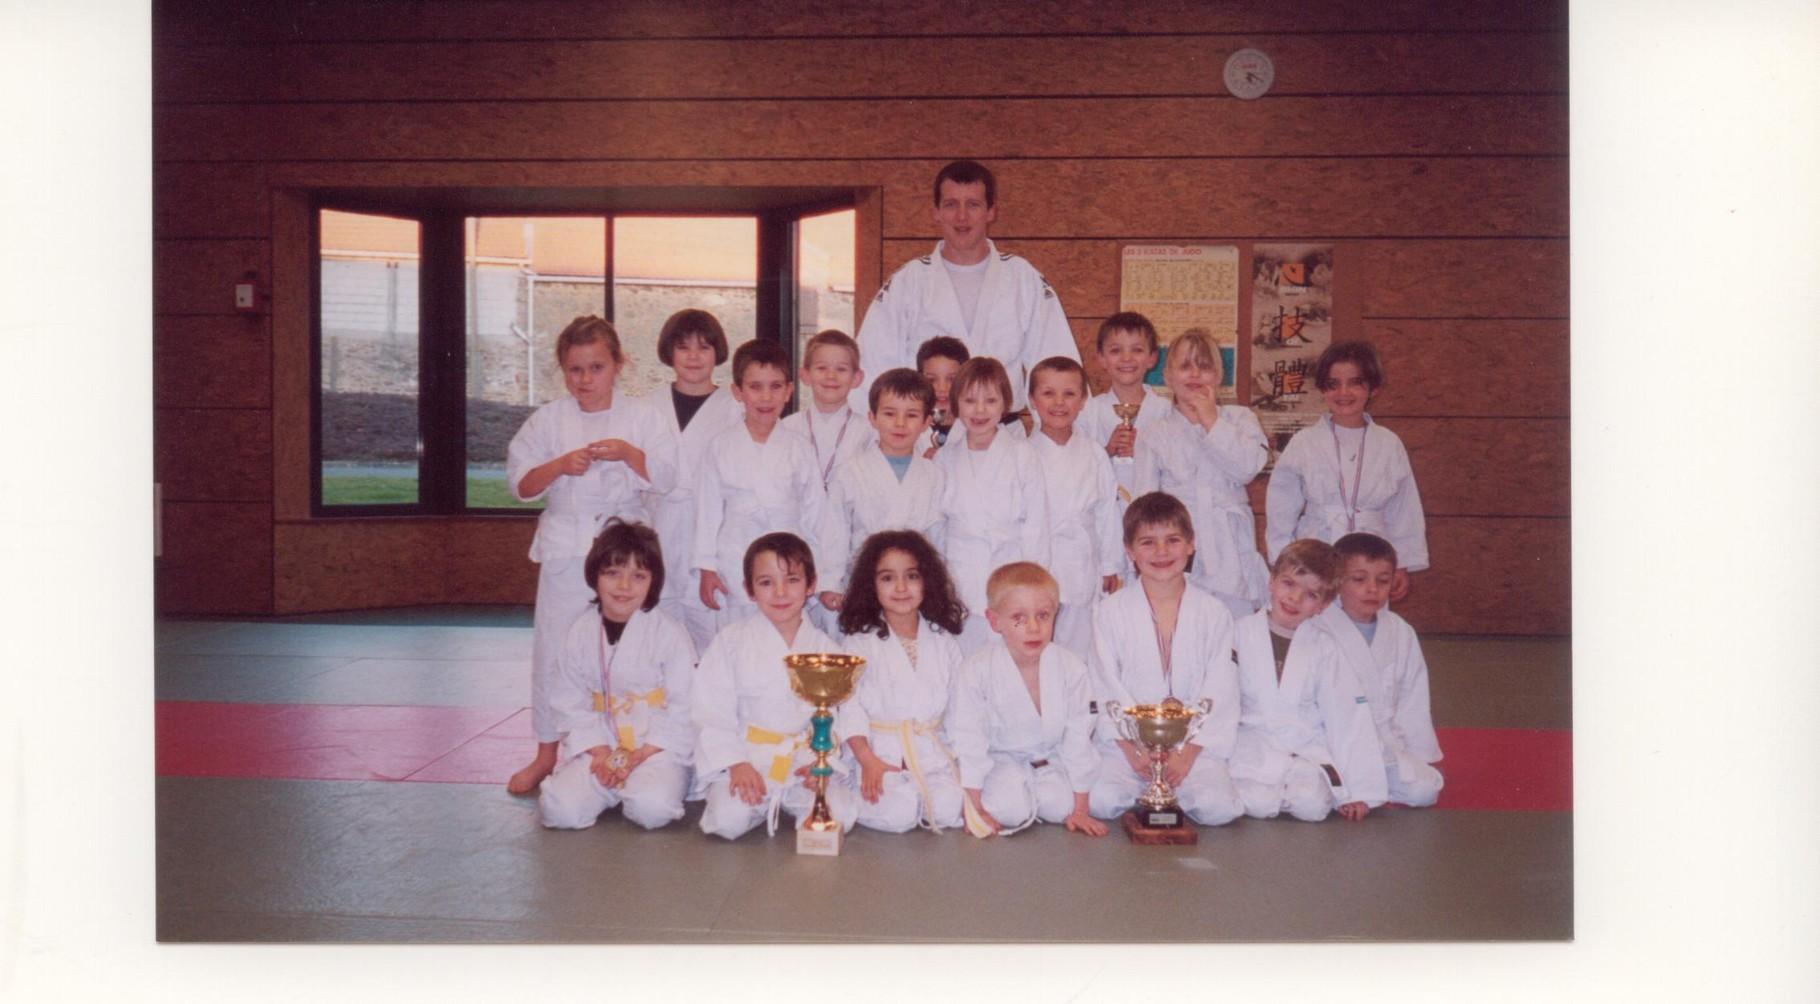 2002 – les jeunes judokas se distinguent lors de tournois inter clubs accompagnés de leur professeur Cyril Legris